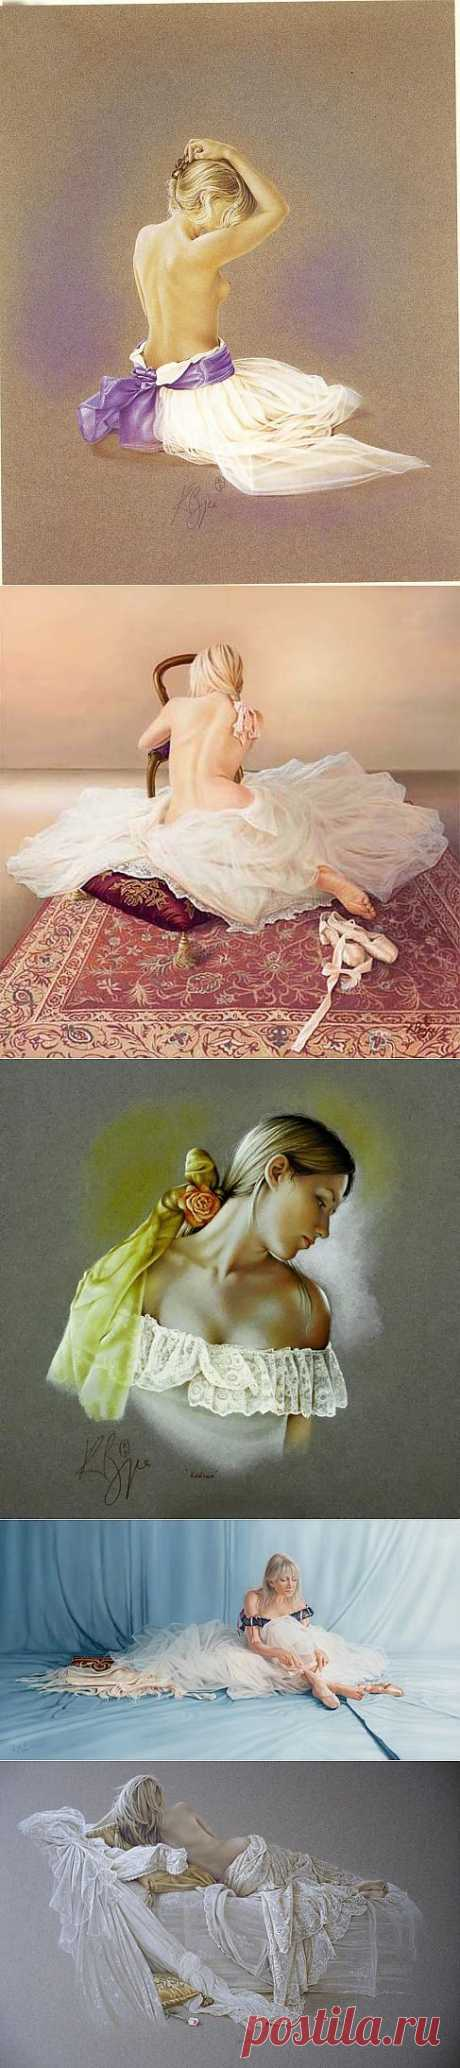 Пастели на тему балета. Kay Boyce.